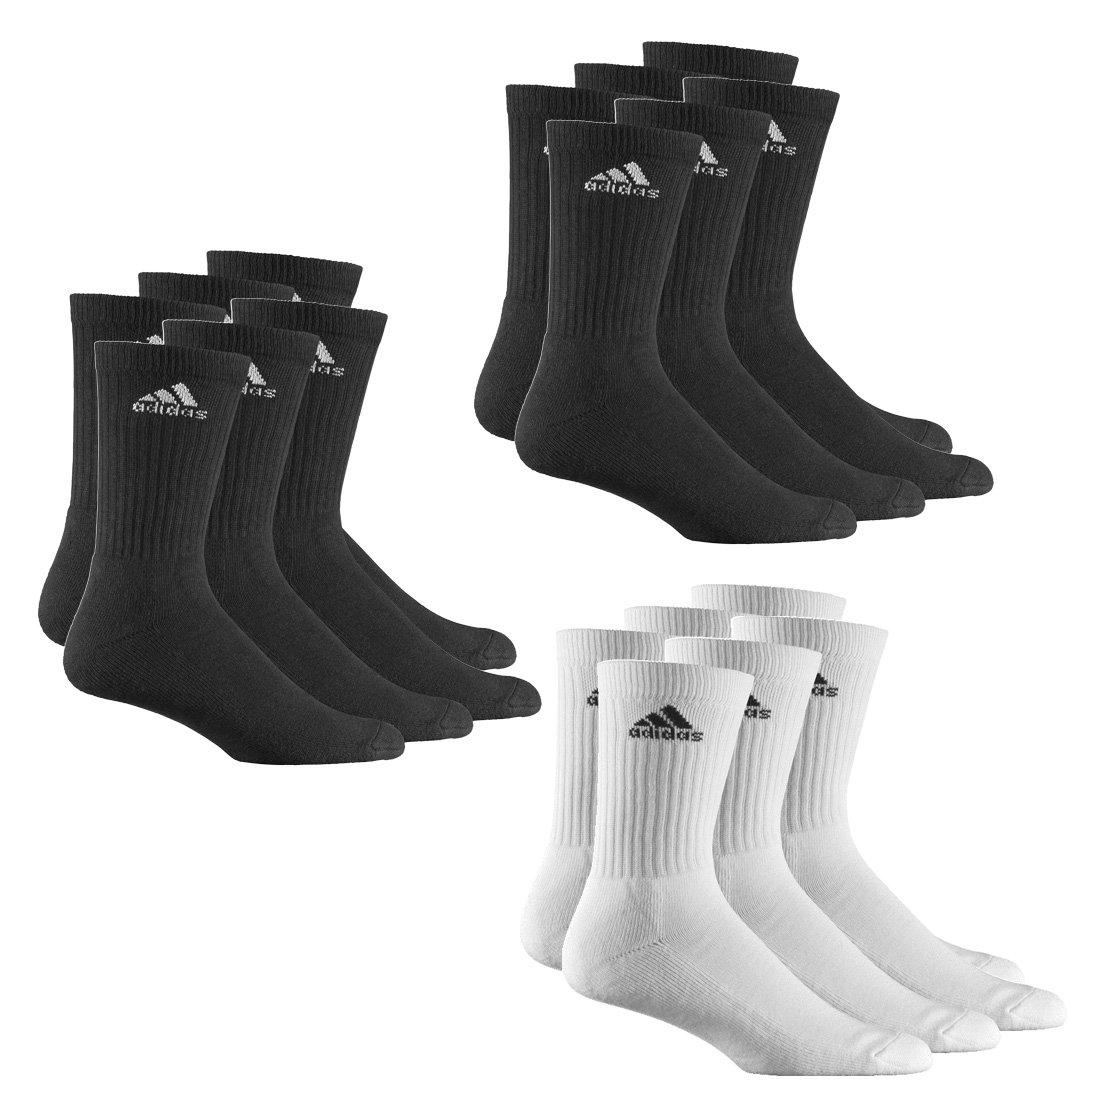 9 Paar adidas Crew Sport-Socken 3 Paar Weiß + 6 Paar Schwarz in Größe 39-42